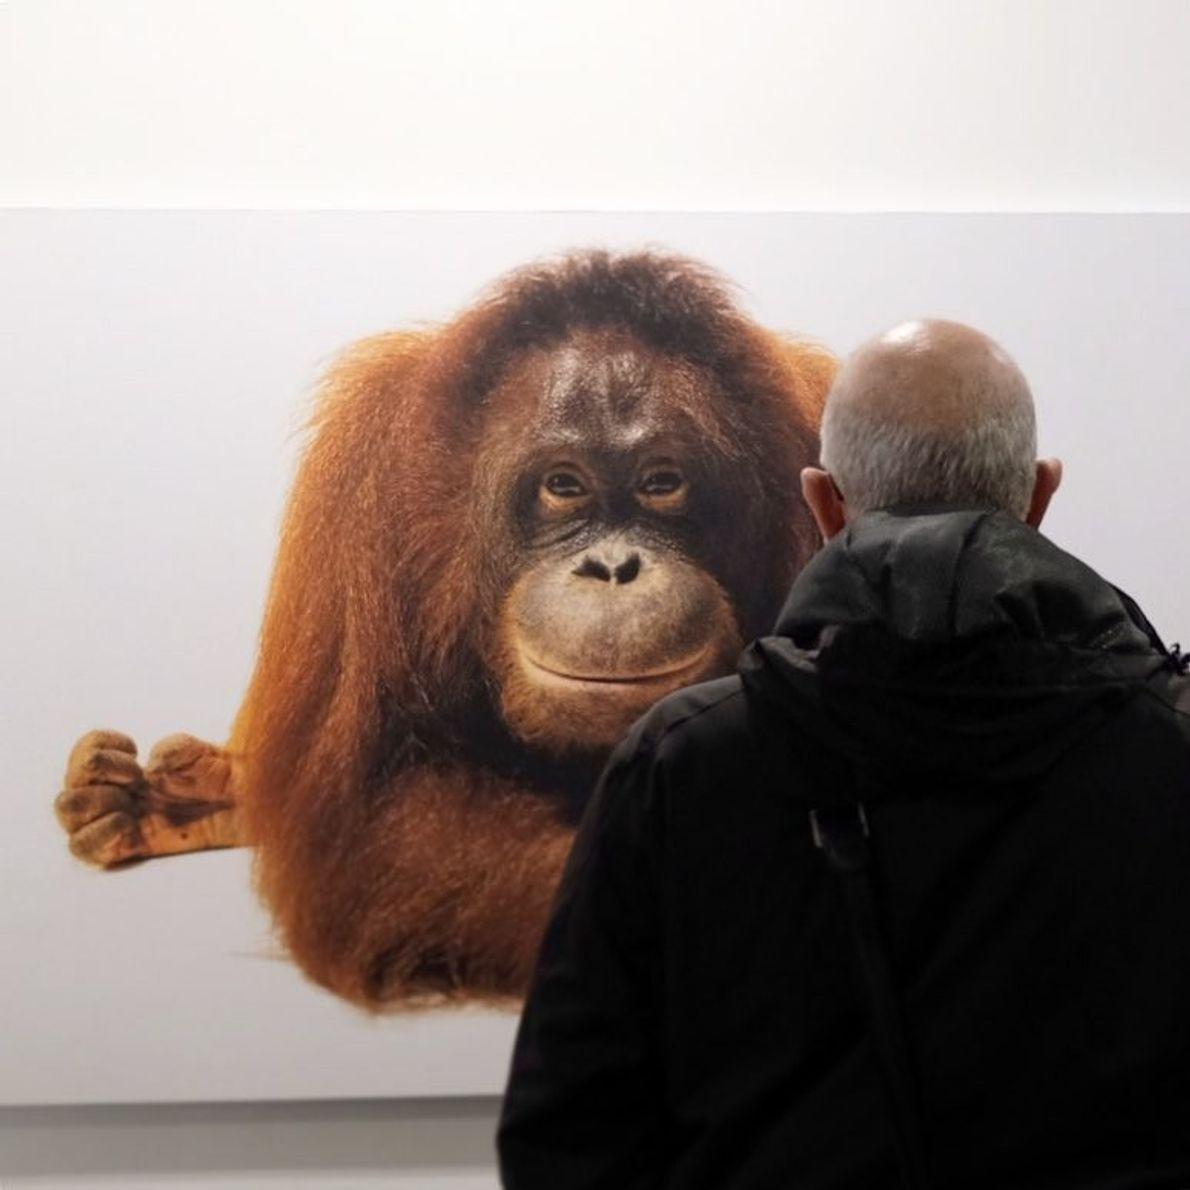 Imagem da participante @katagapitona exposição Photo Ark